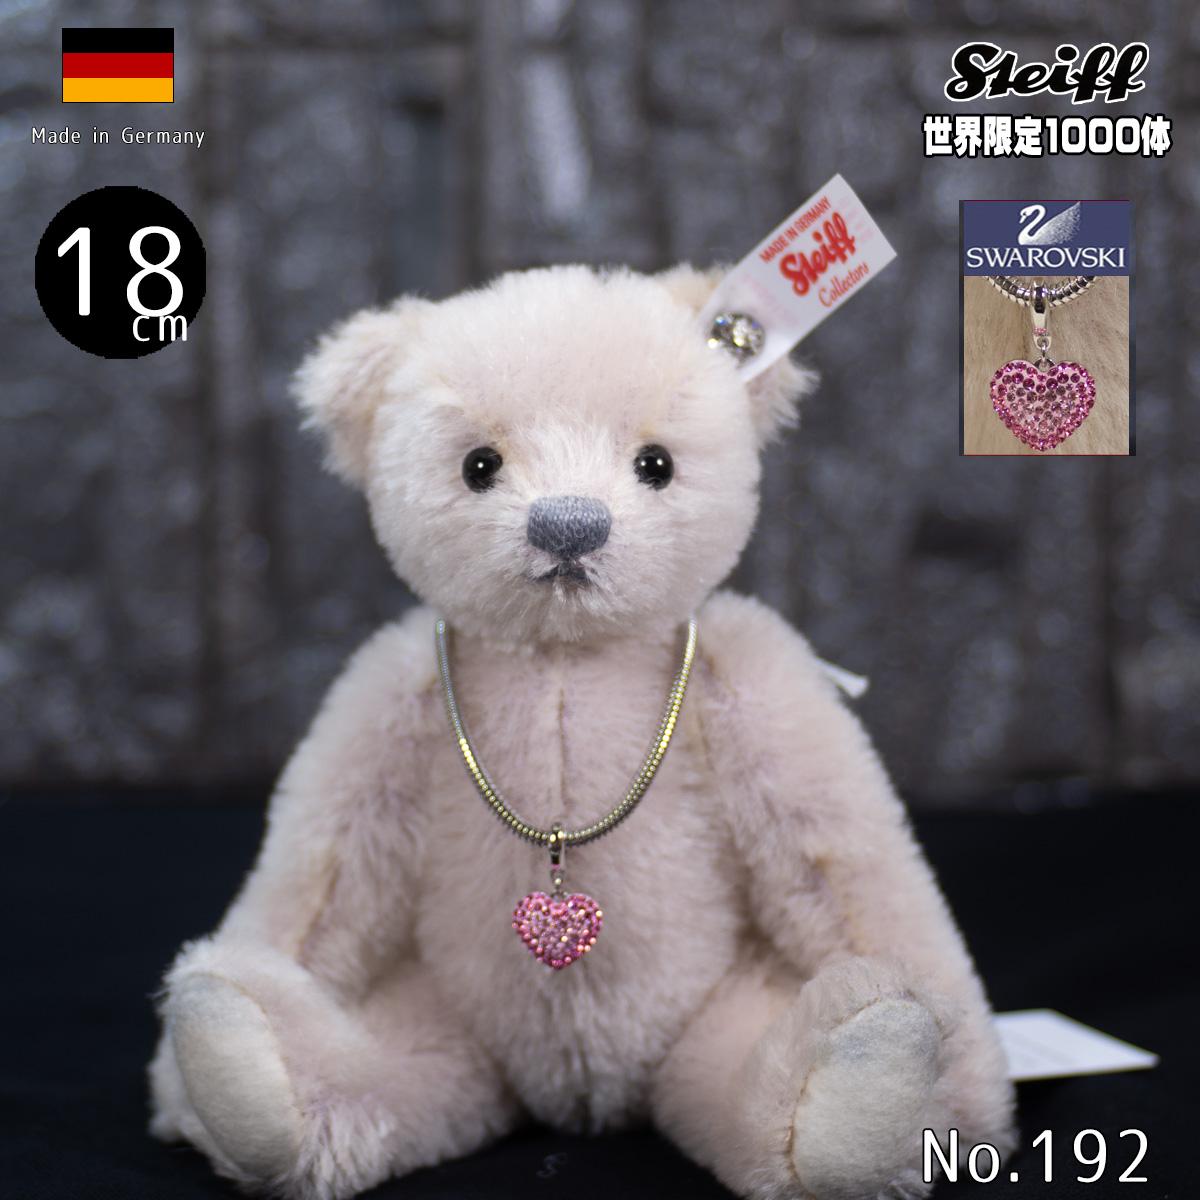 シュタイフ テディベア Steiff 世界限定ラブ ピンクハート 18cm(LOVE TEDDY BEAR)